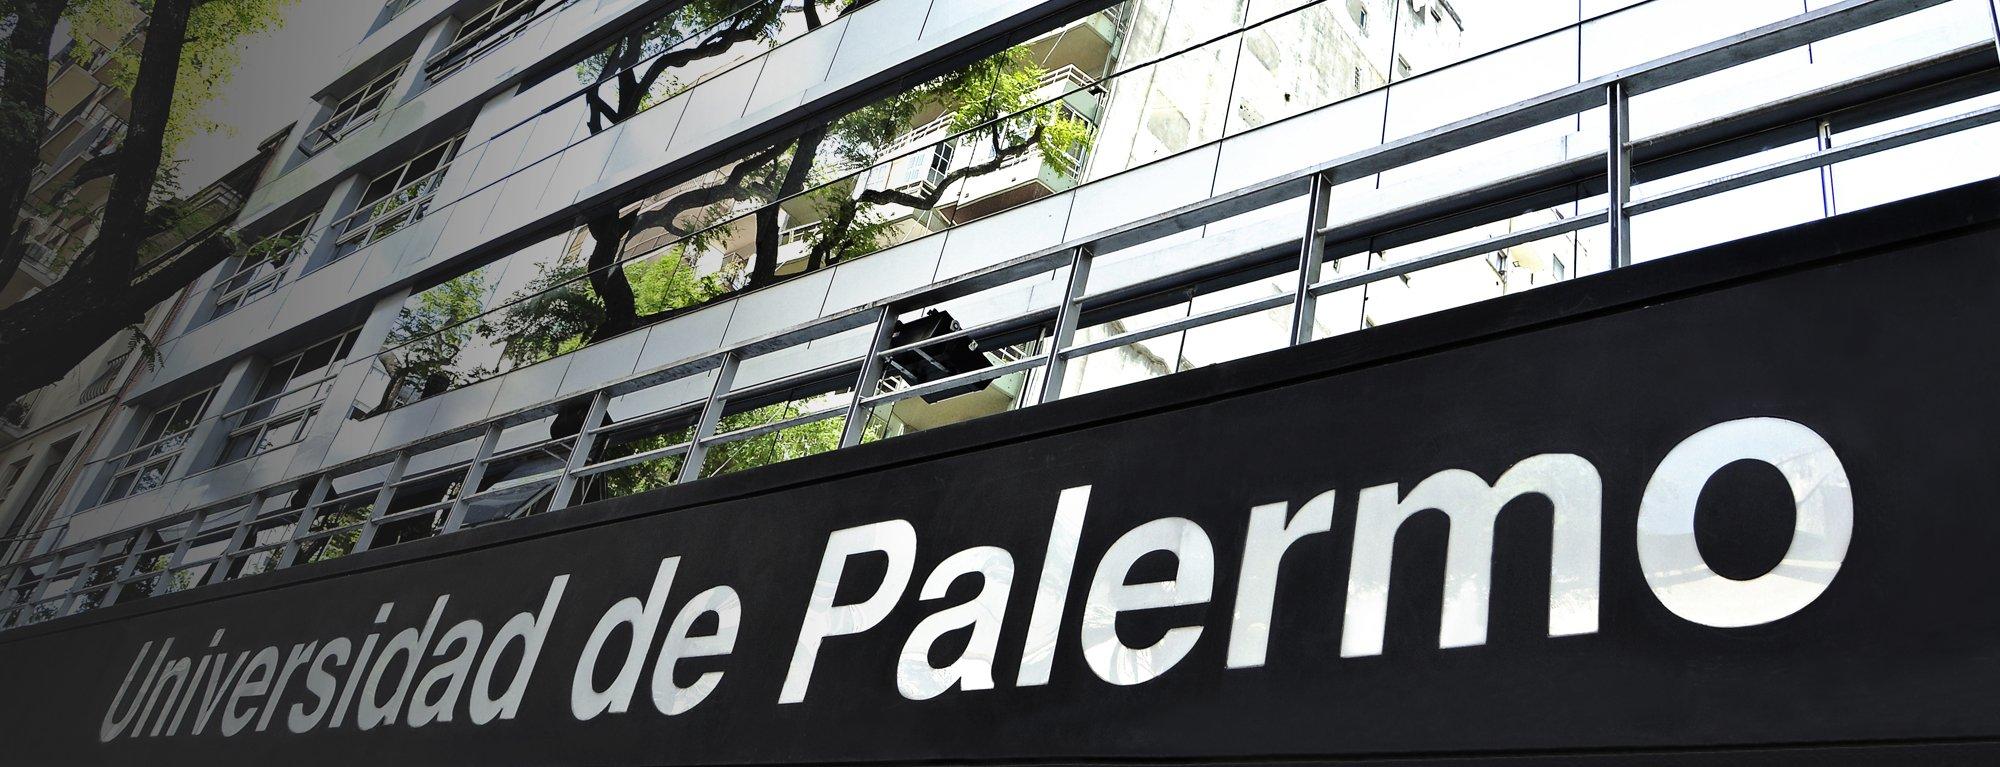 Universidad De Palermo Buenos Aires Argentina